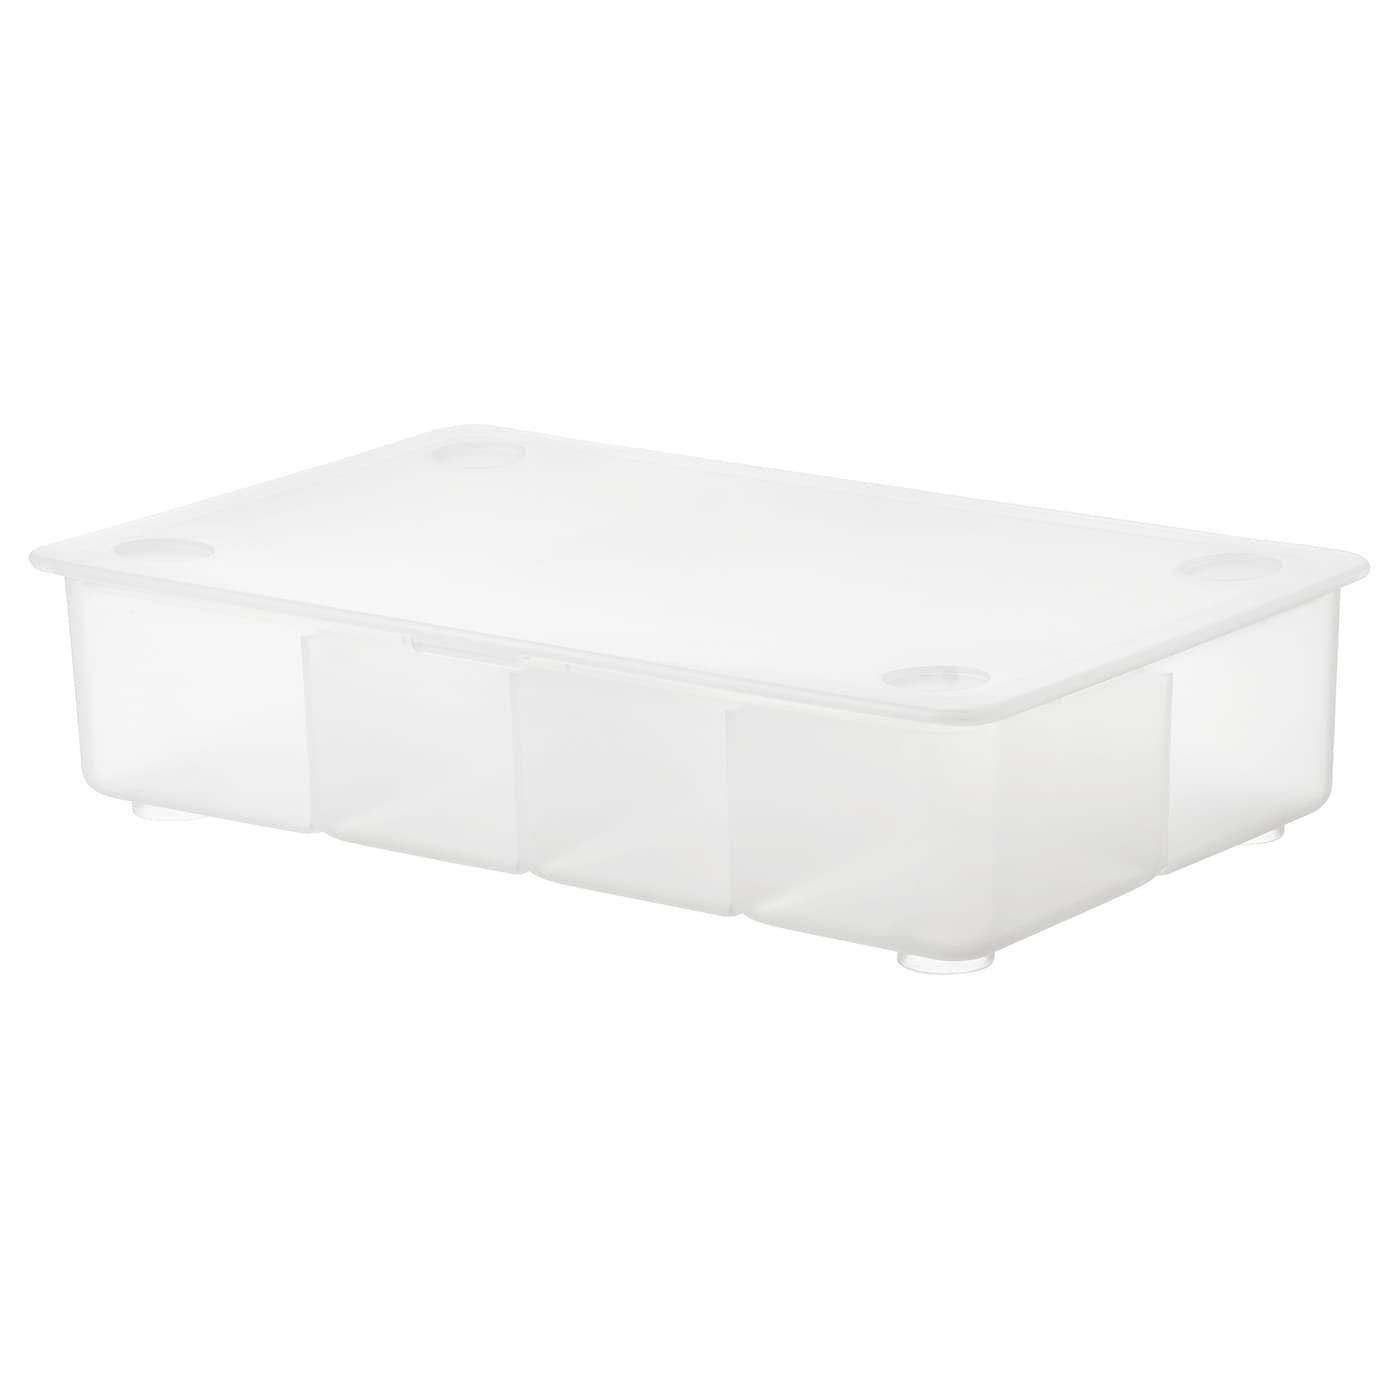 GLIS Box mit Deckel transparent IKEA Deutschland